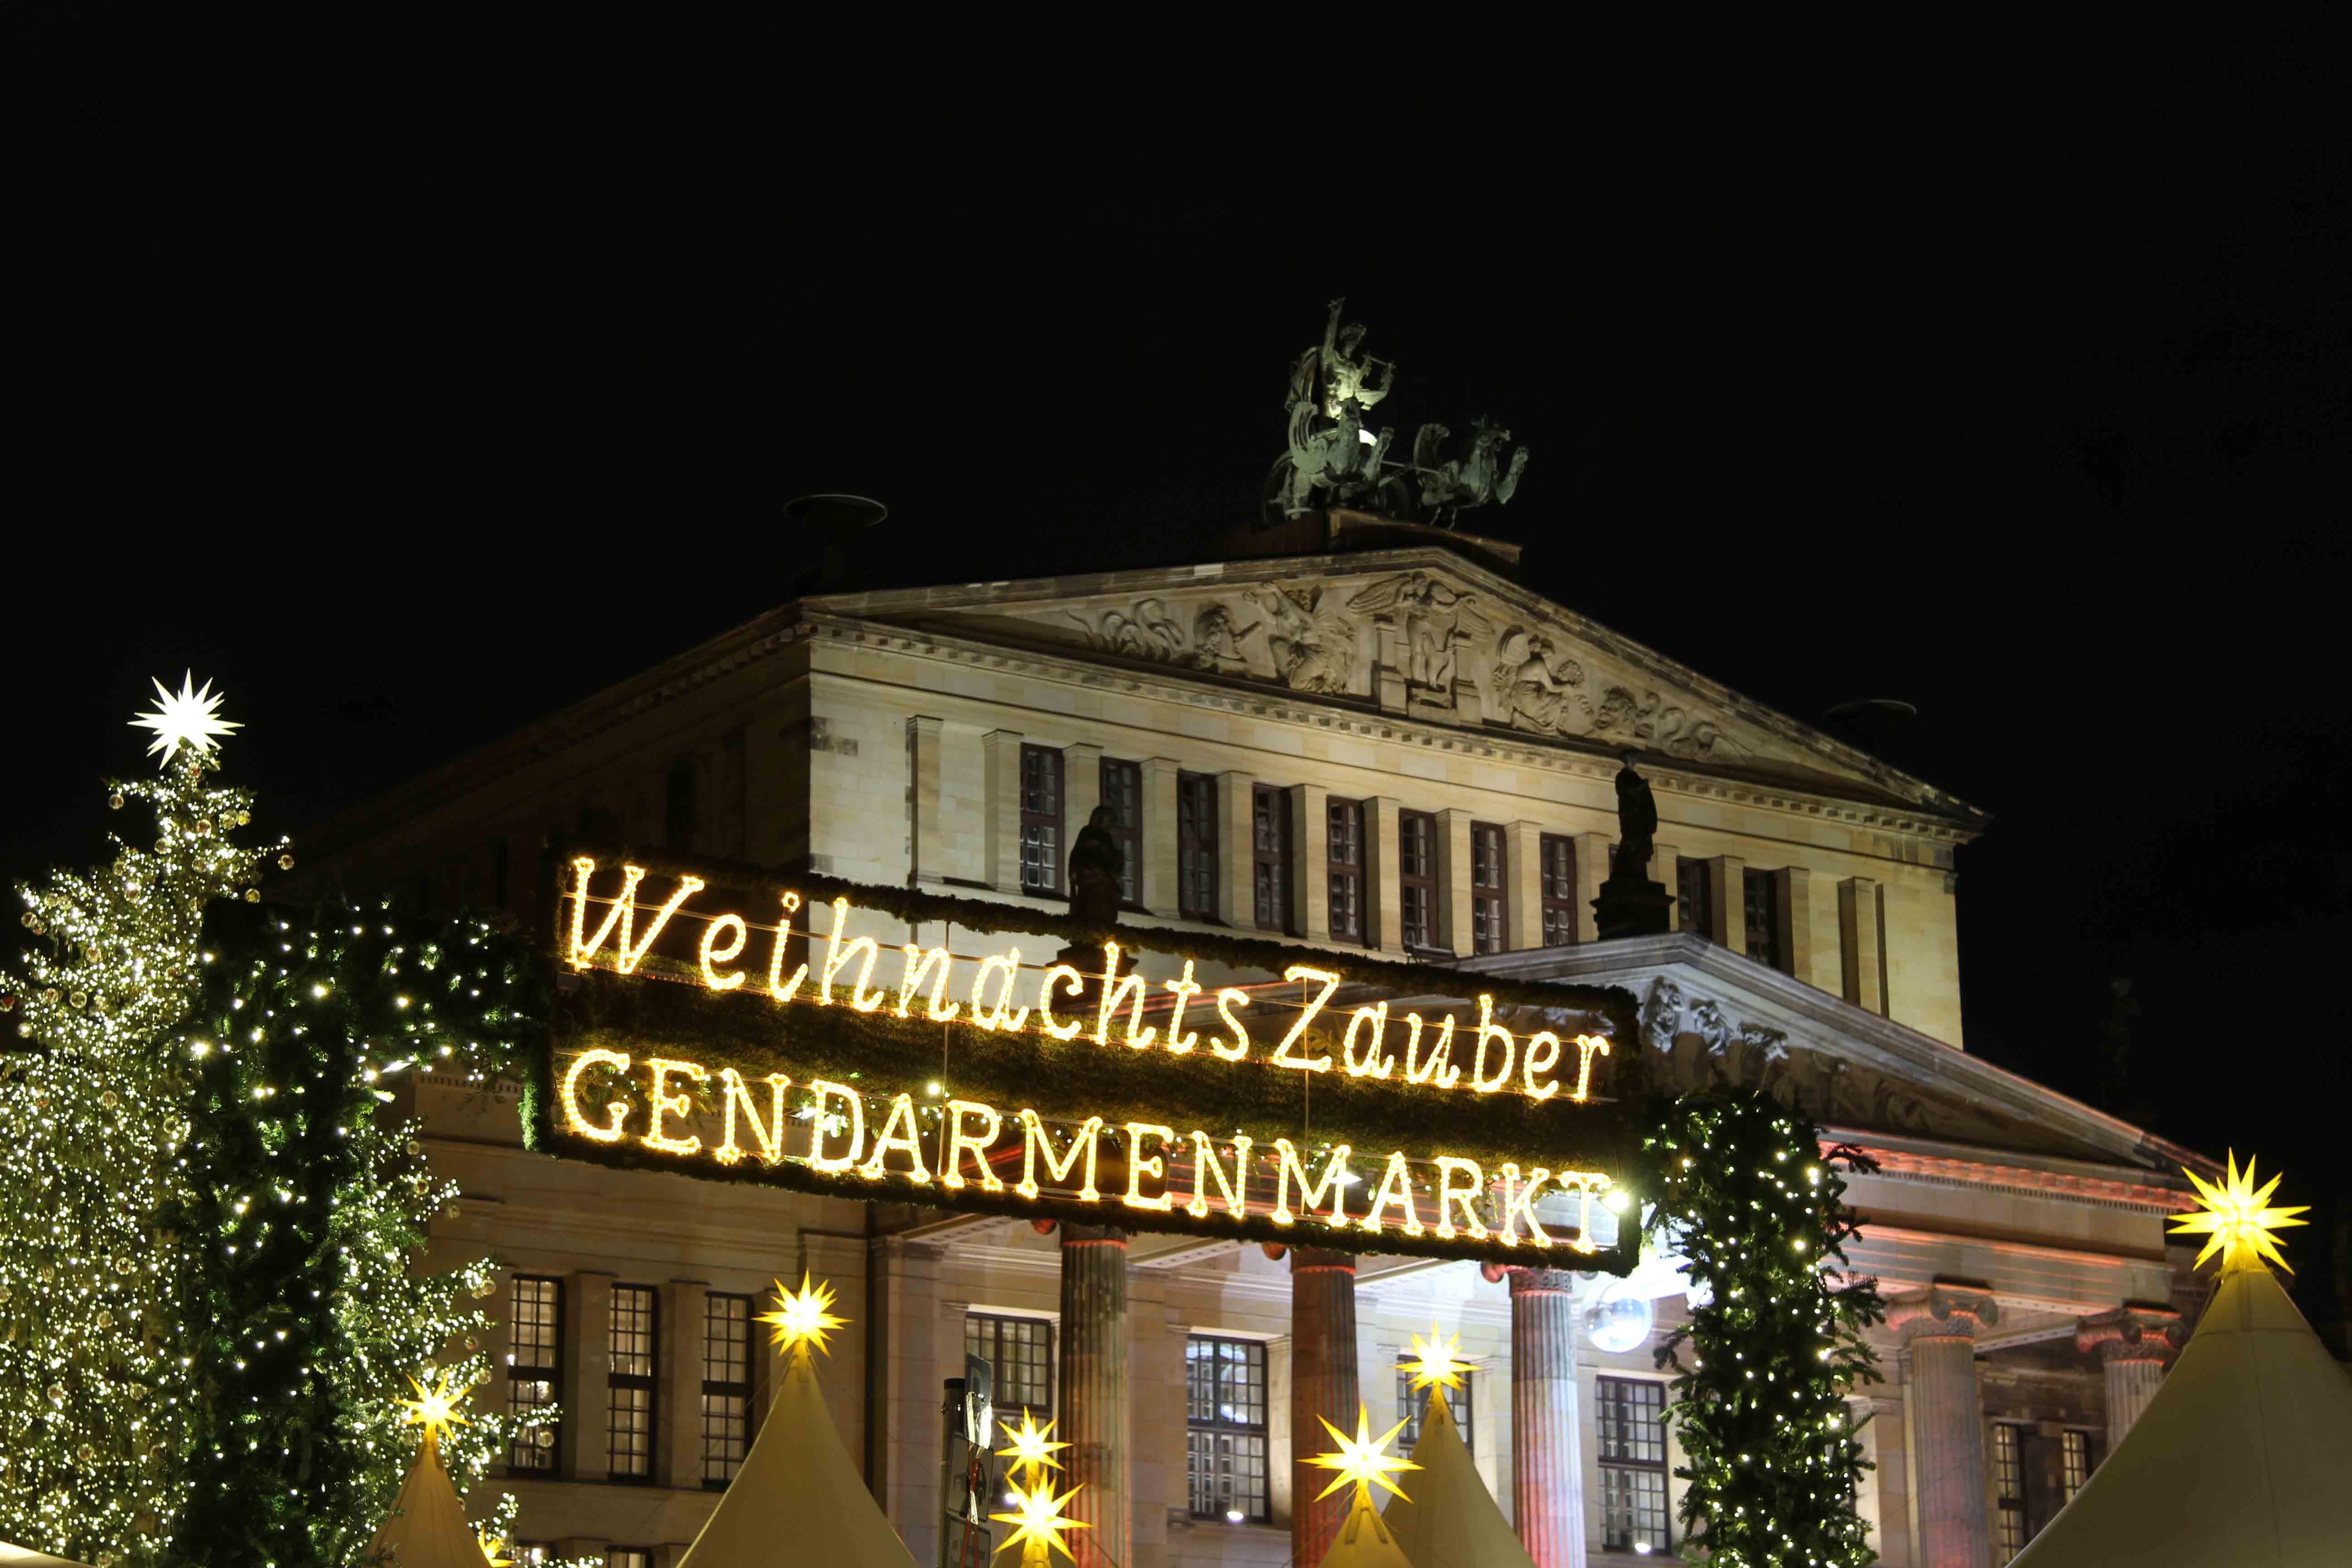 Weihnachtsmarkt Zauber Gendarmenmarkt - a Christmas Market in Berlin